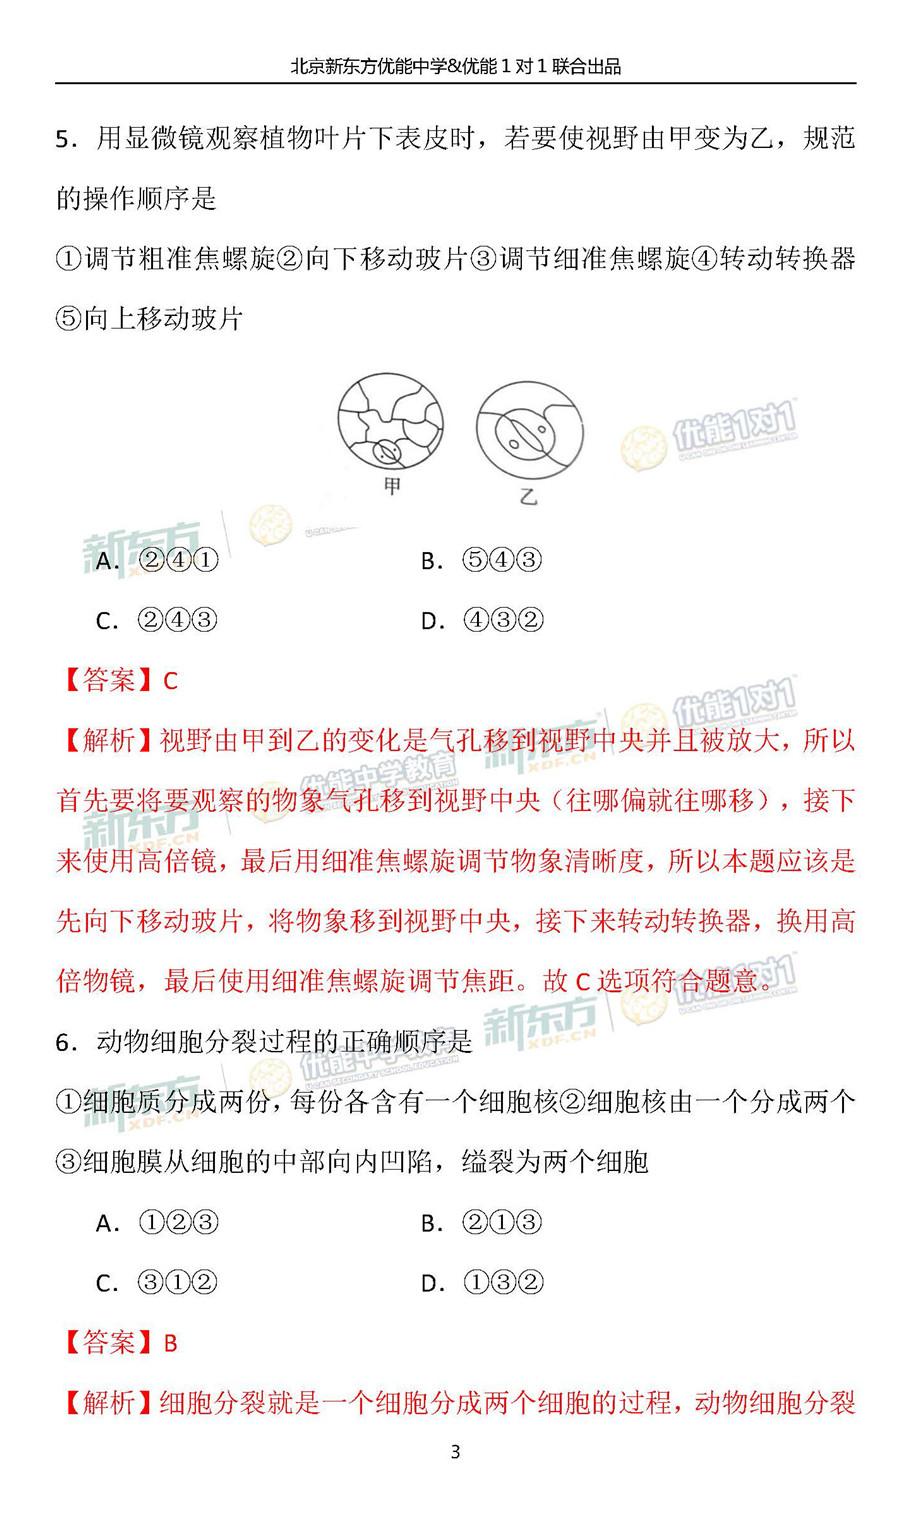 2018-2019学年北京海淀初三期中生物试题及答案解析